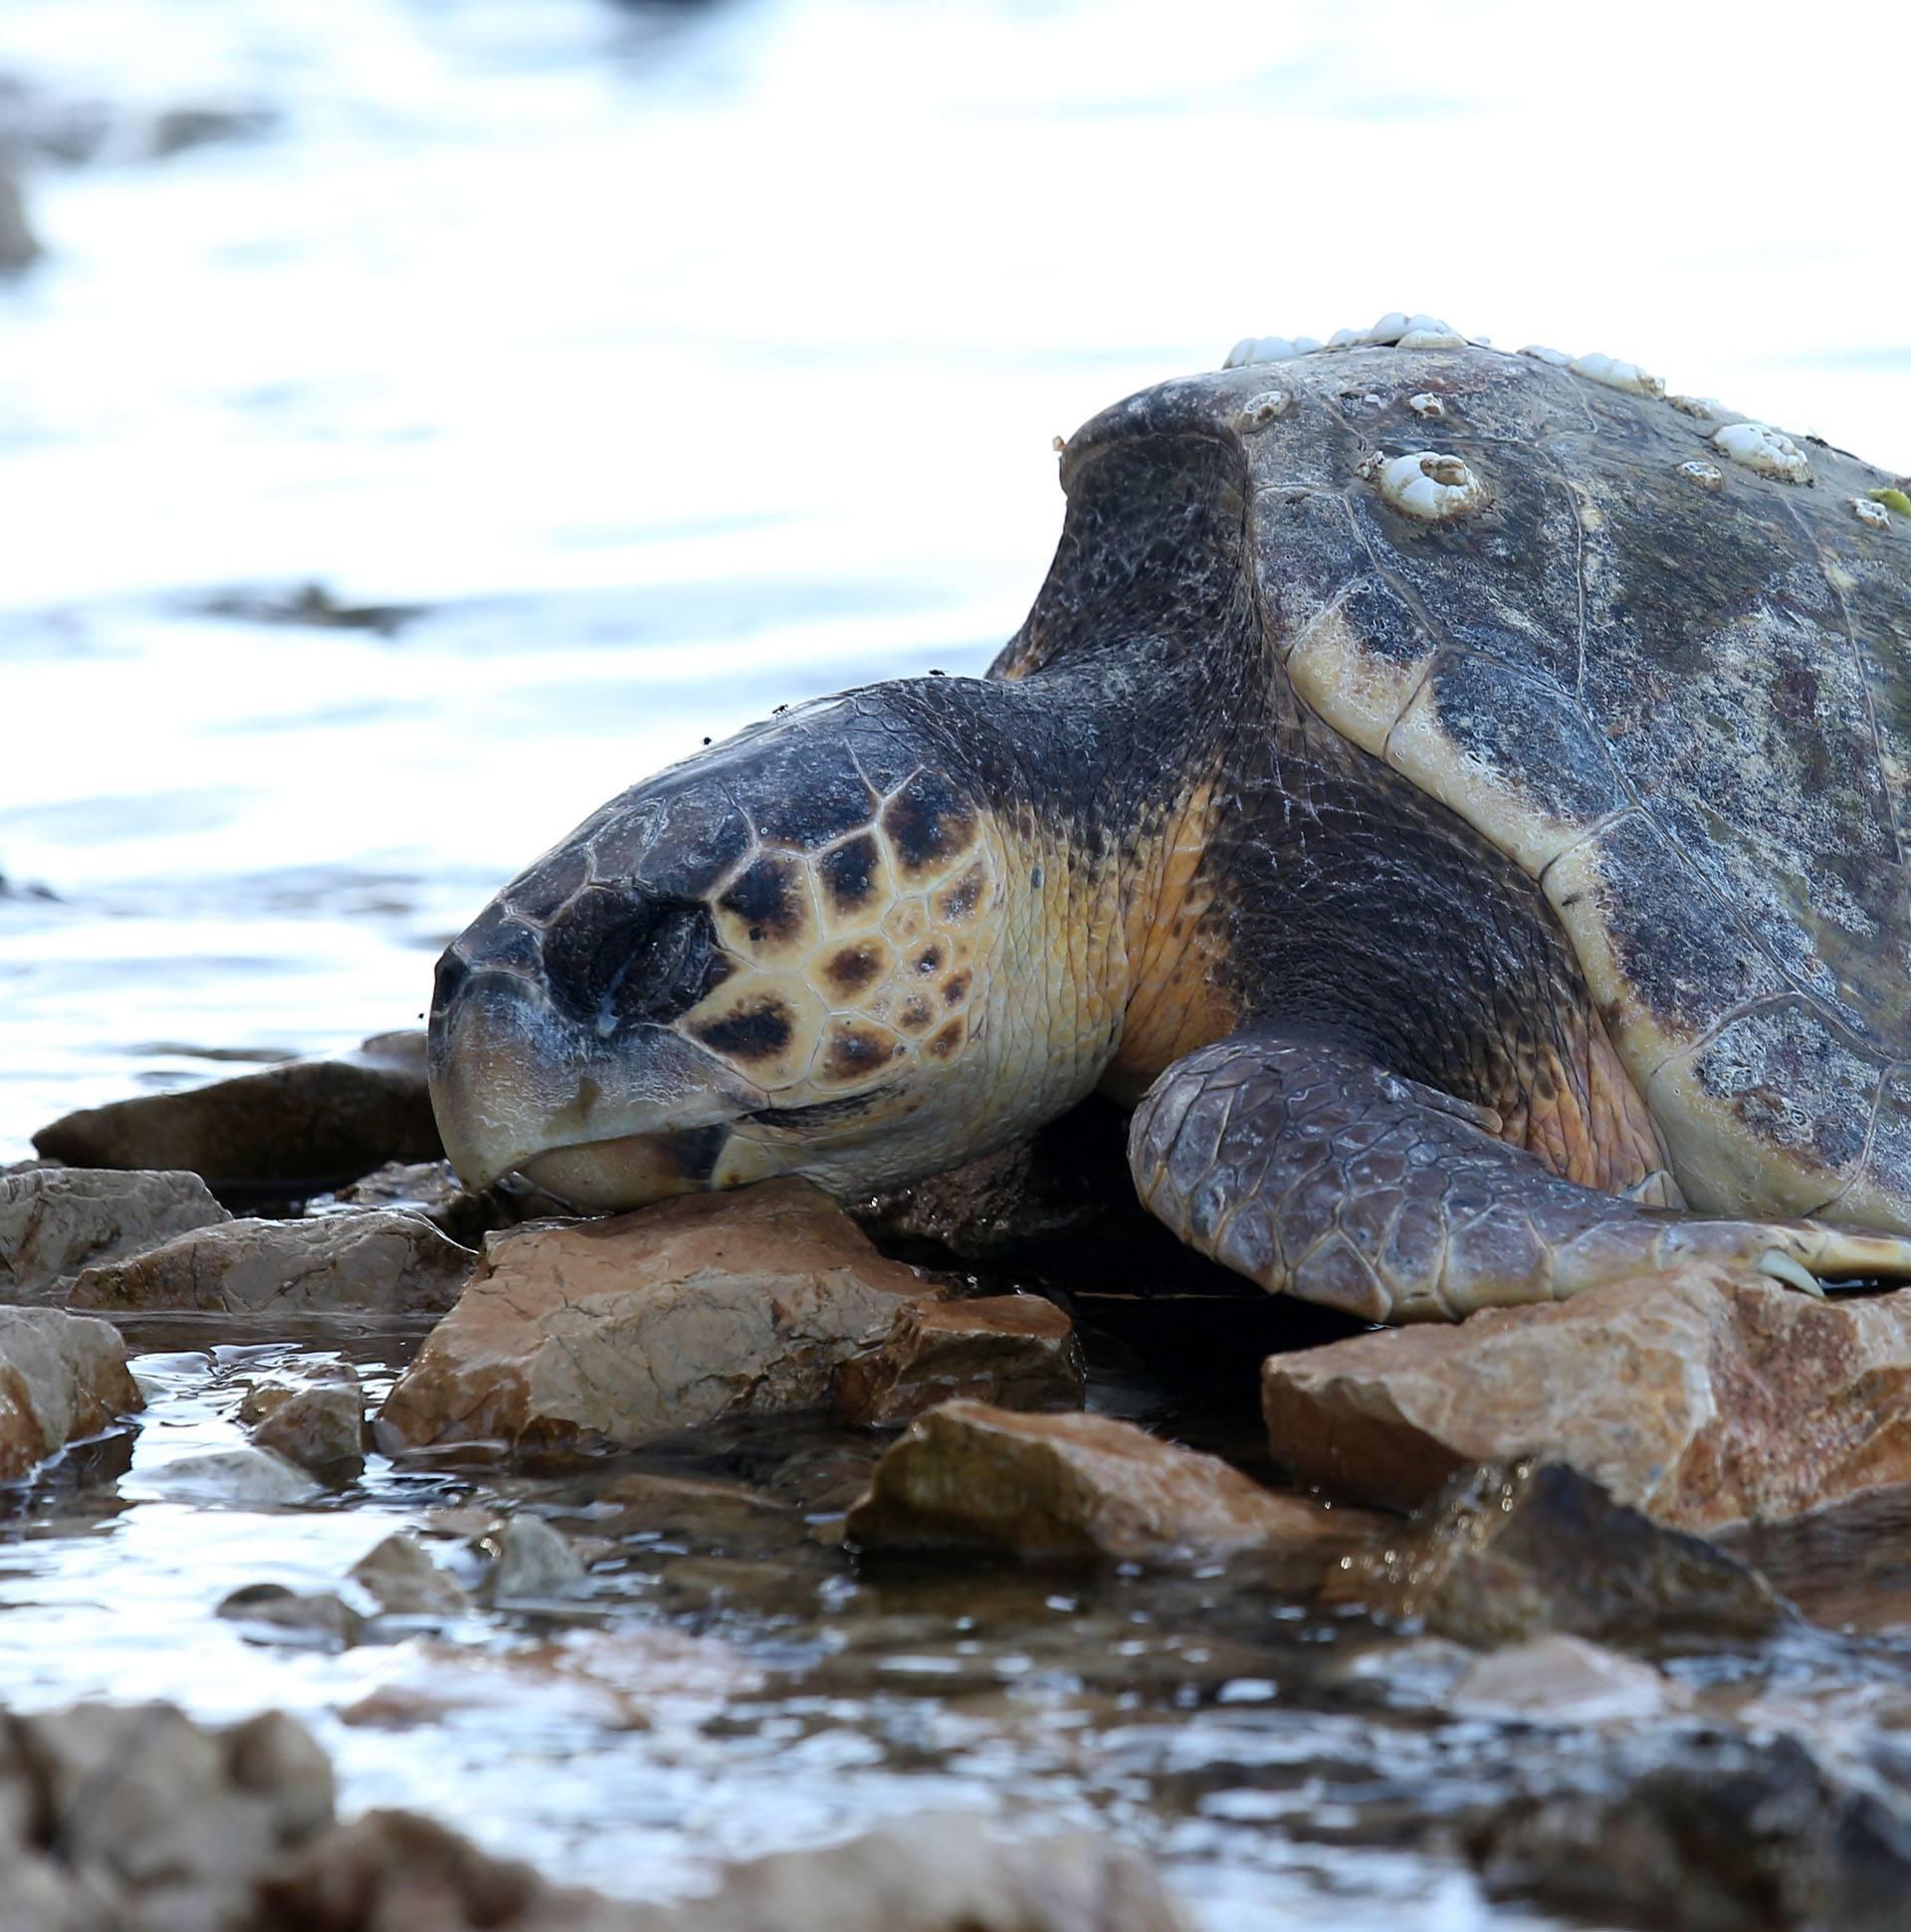 Žrtve hladnoće: Kod Zadra su pronašli još jednu uginulu želvu